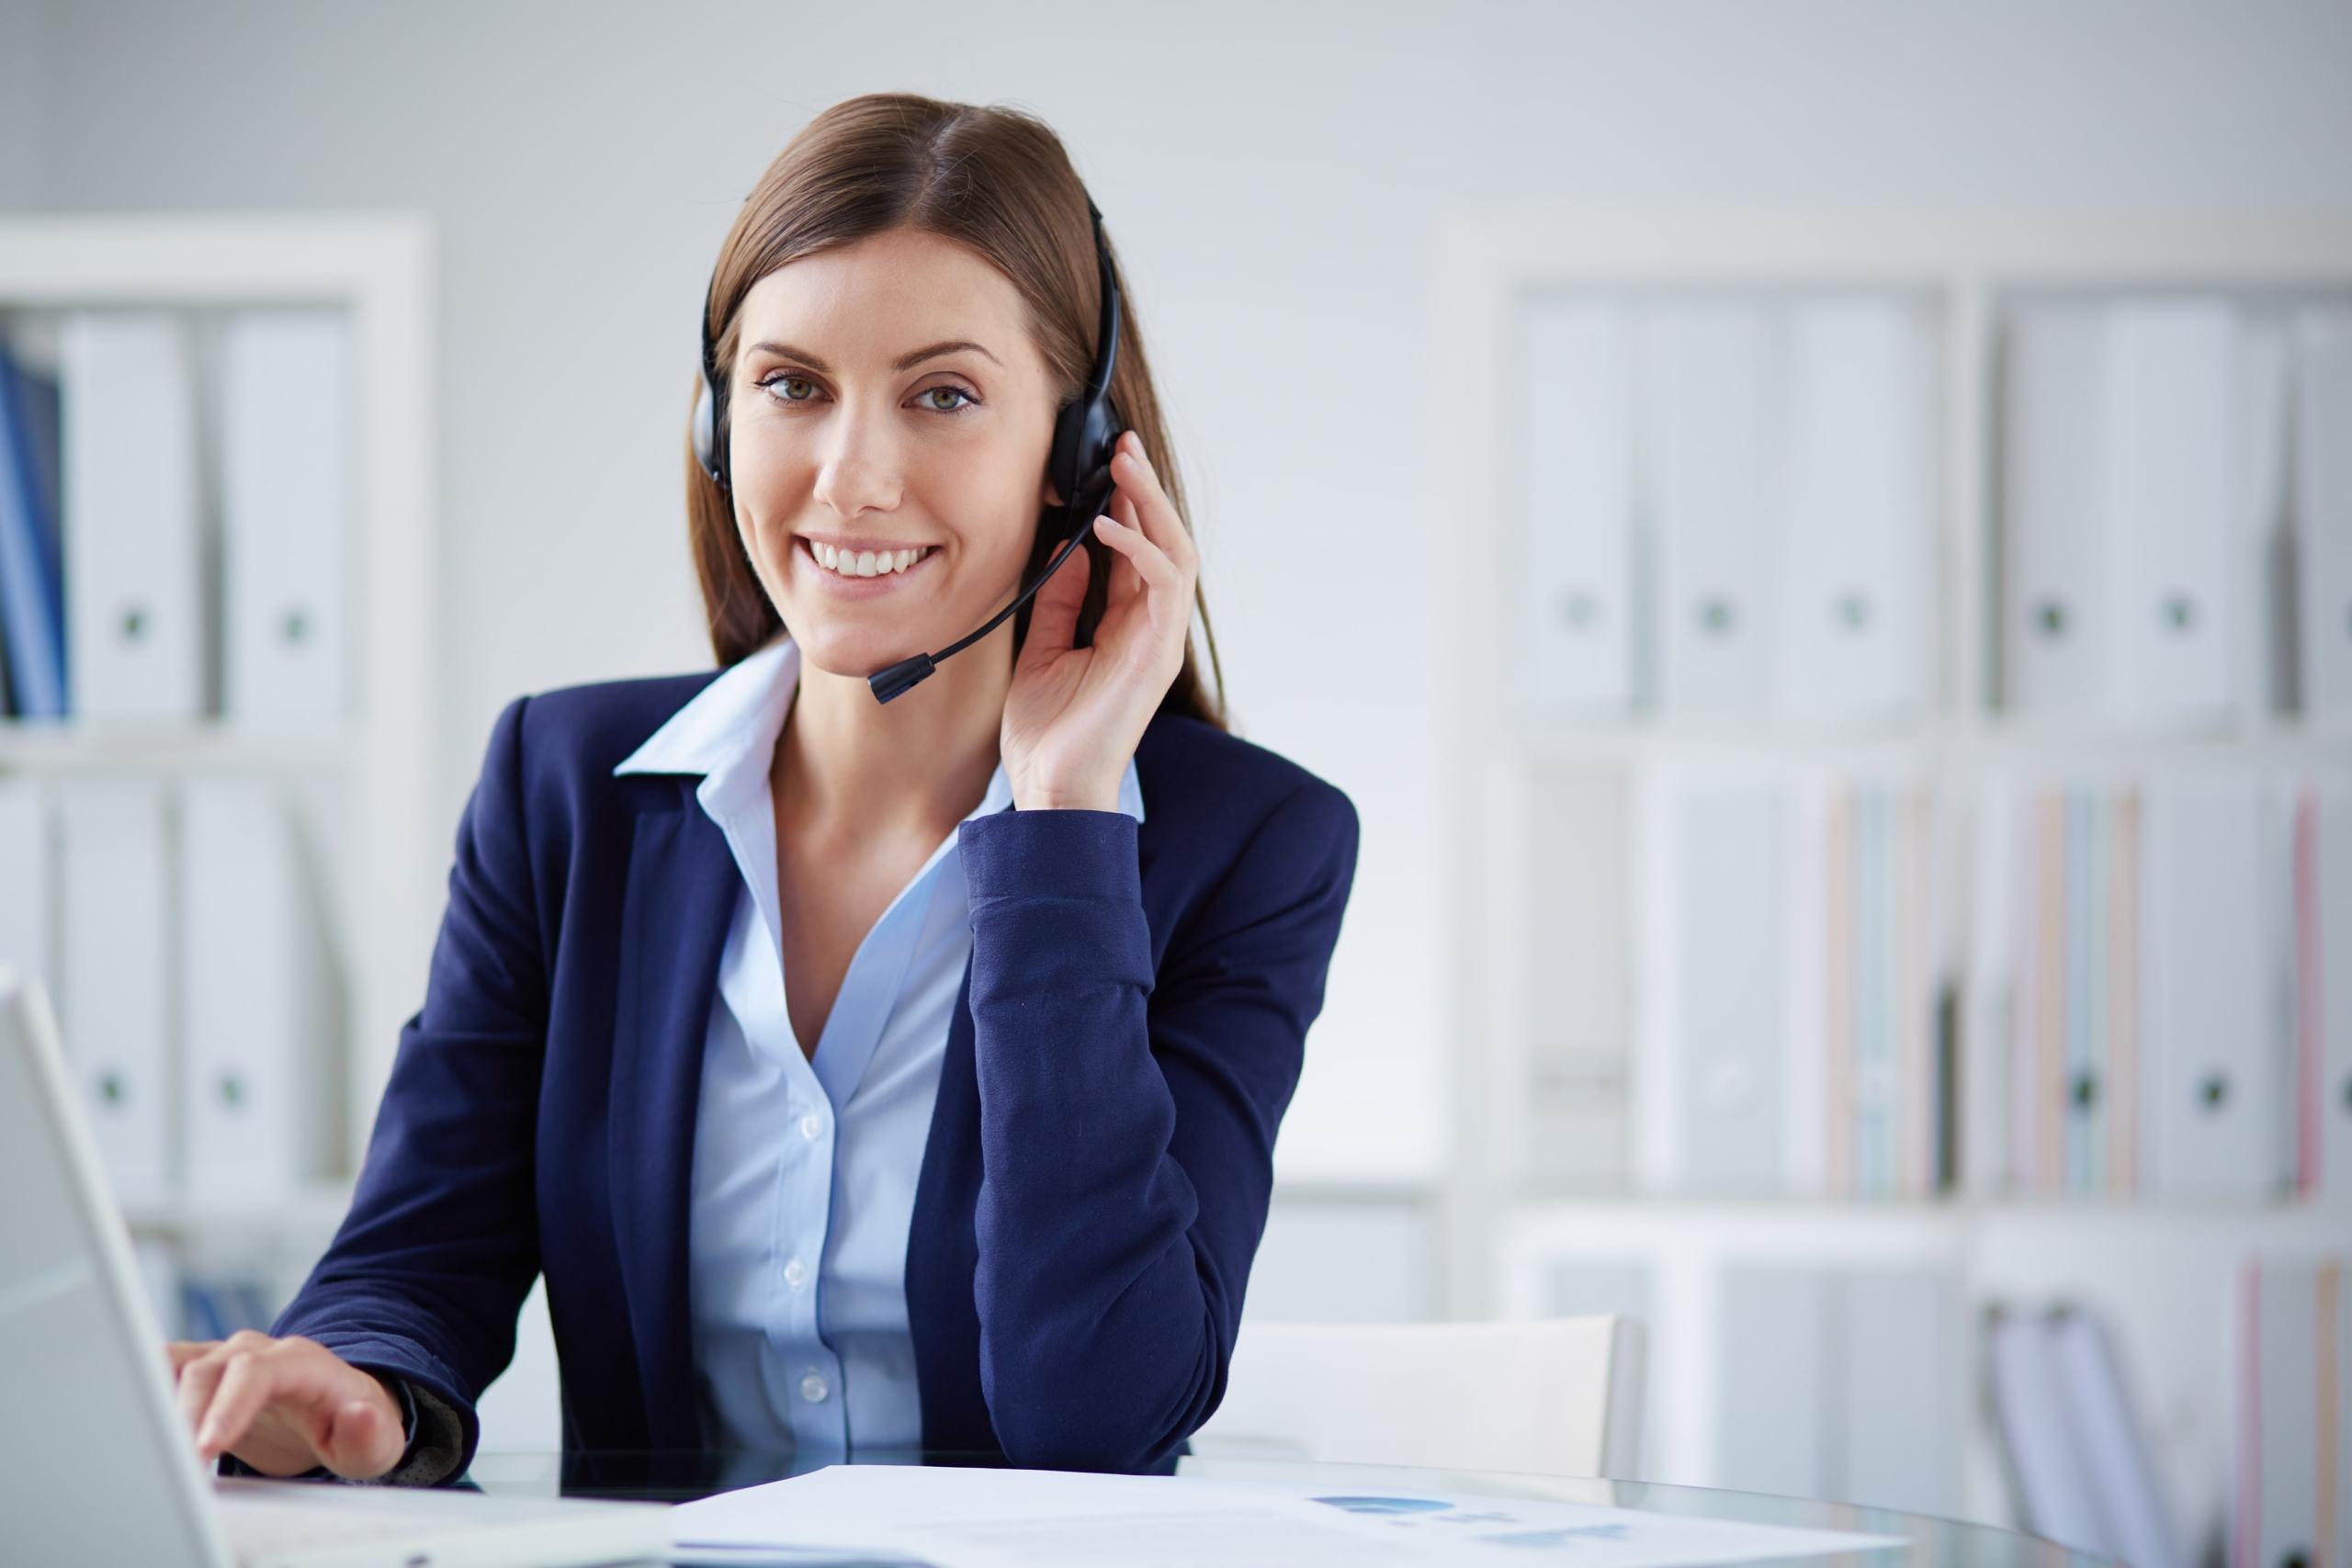 مکالمات تلفنی انگلیسی در محل کار